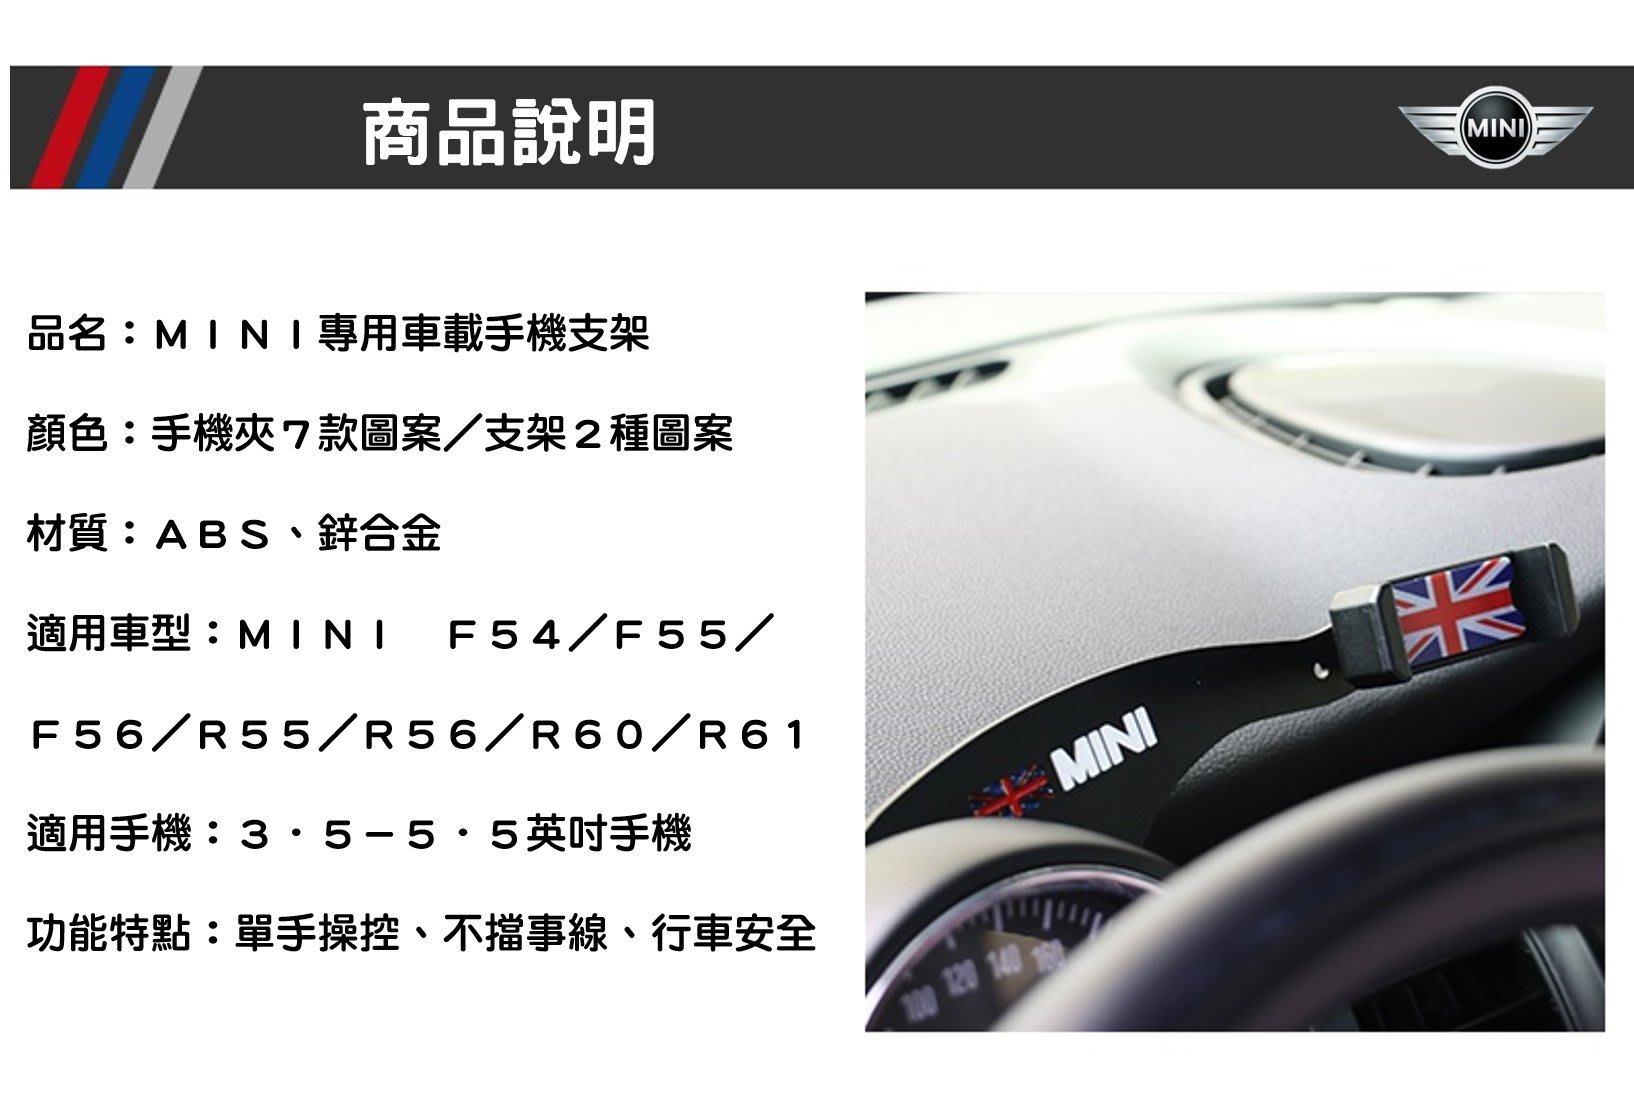 MINI Cooper S F54 F55 F56 R55 R56 R60 R61 F60 專屬 手機架 精品 英國國旗